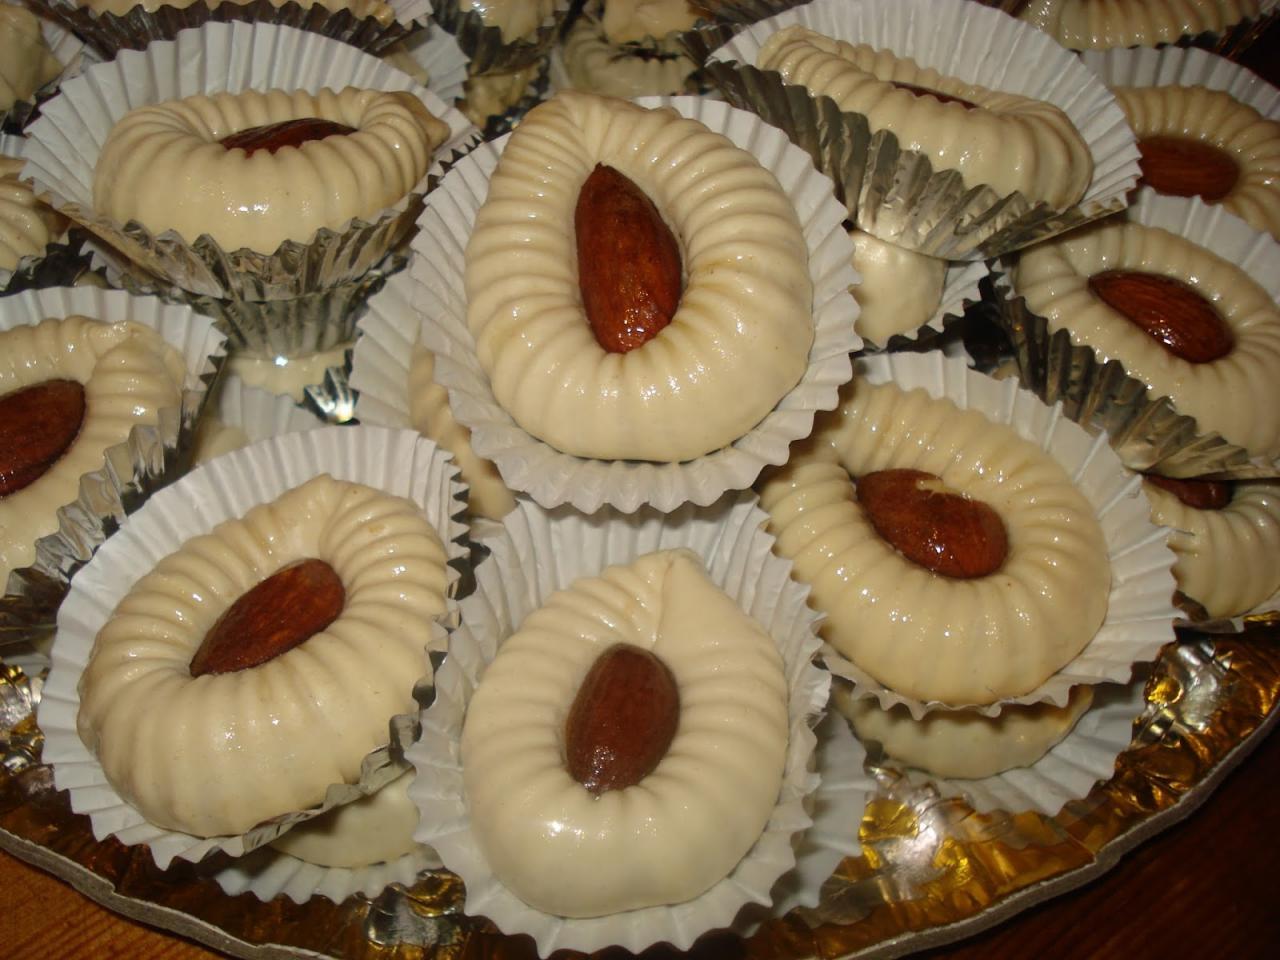 حلويات العيد الجزائرية بالصور والمقادير، تقديم اروع وصفات الحلوى الجزائريه - المنام